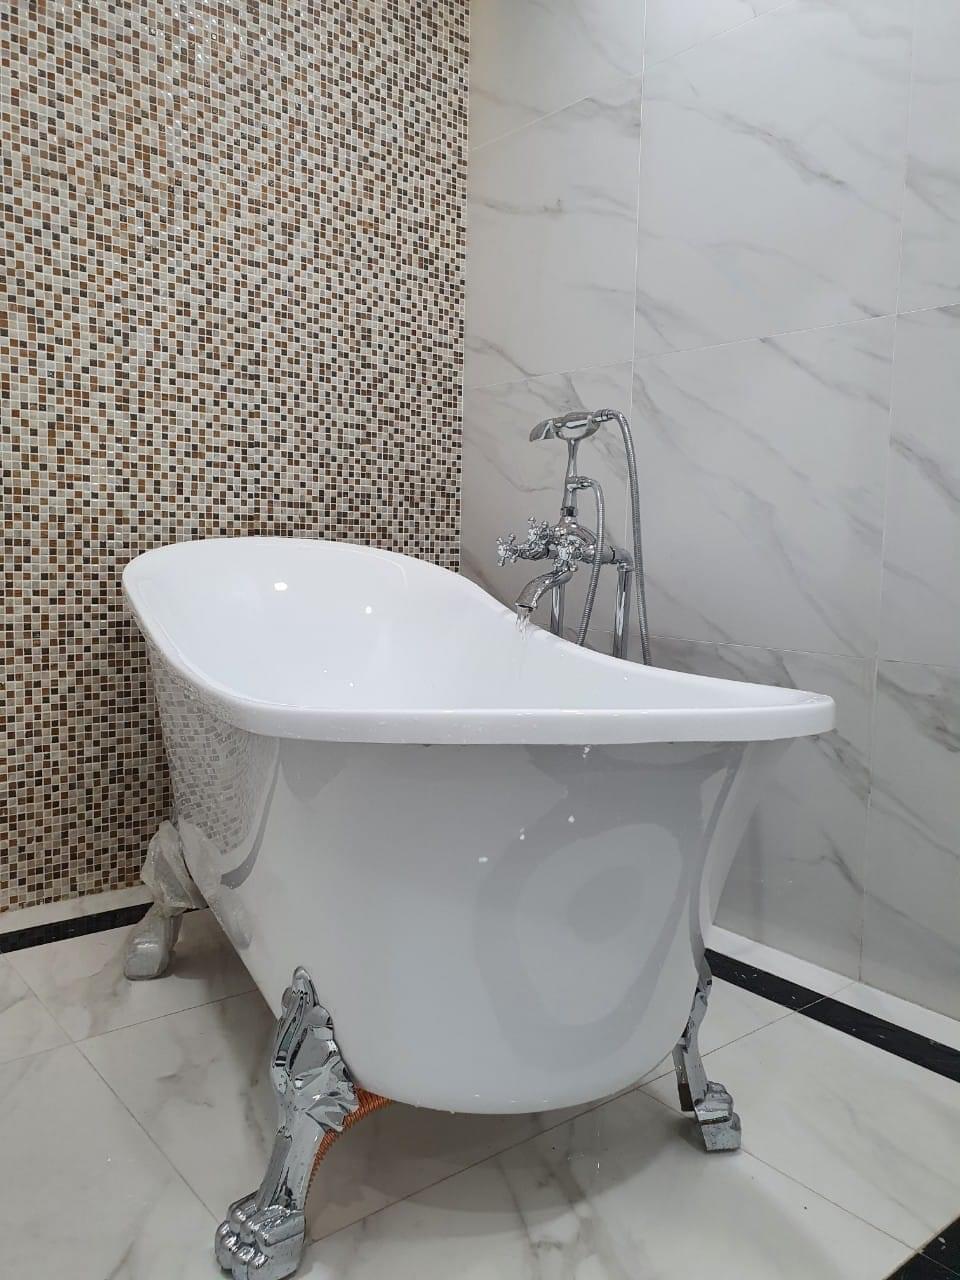 Bồn tắm còn được xem như món đồ nội thất sang trọng, đẹp mắt